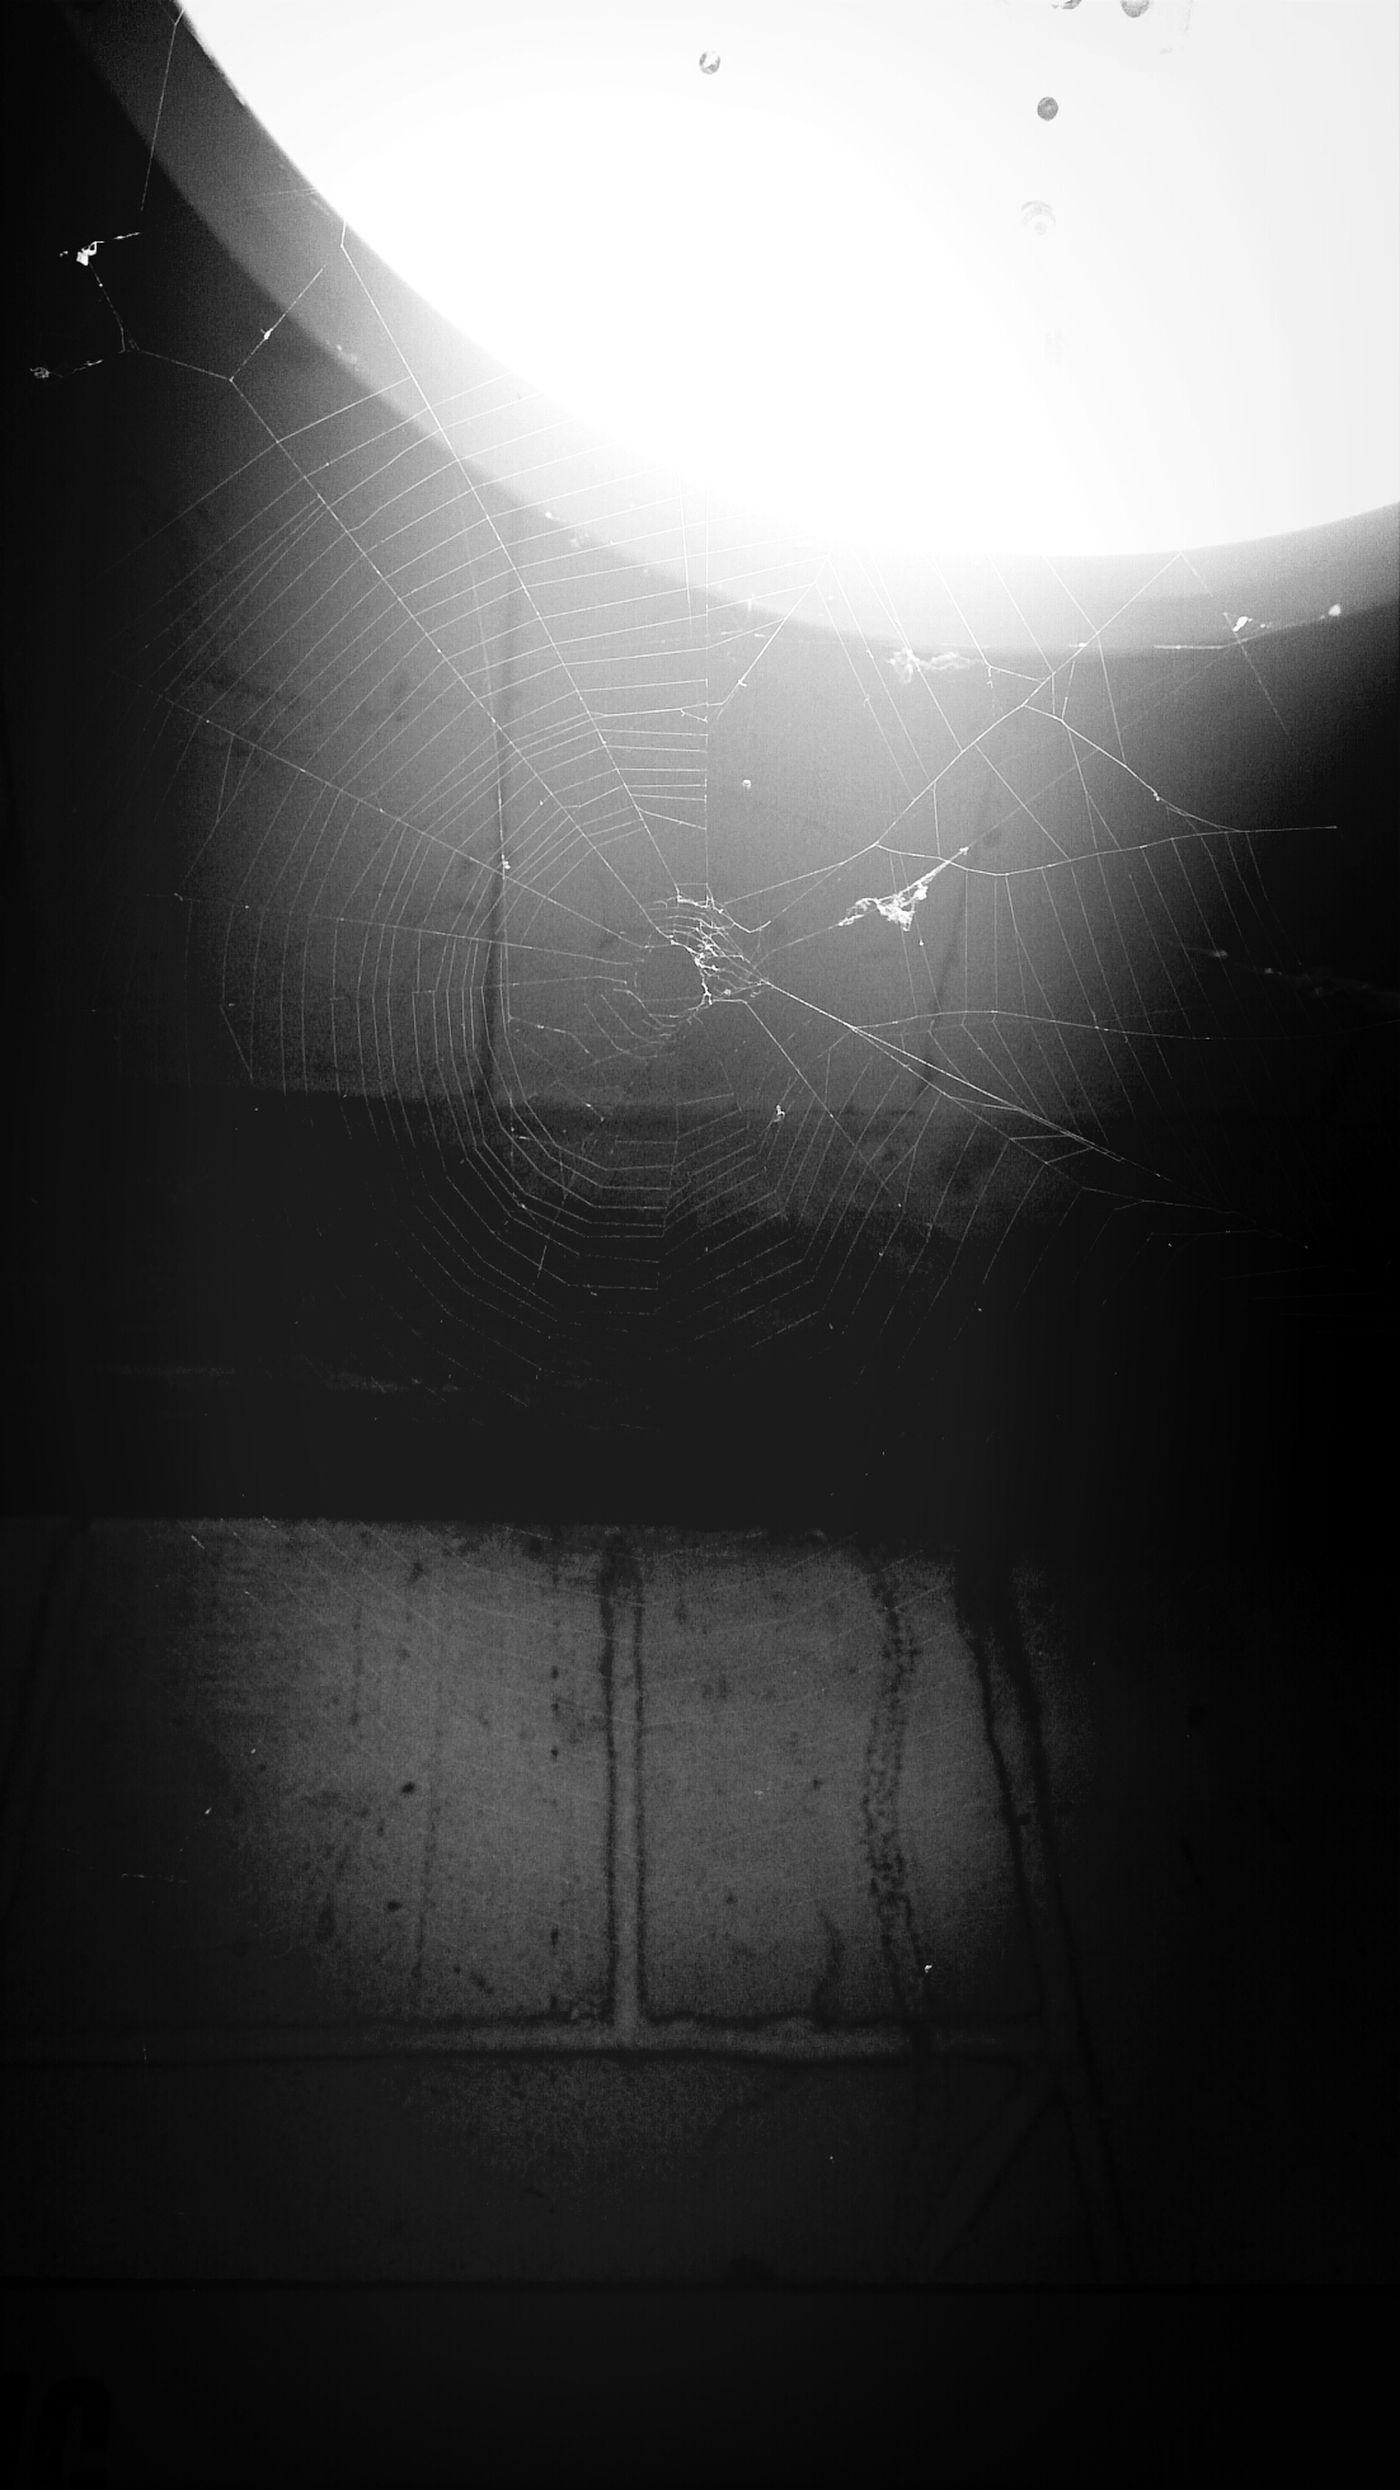 ความน่ากลัวในมุมมืด